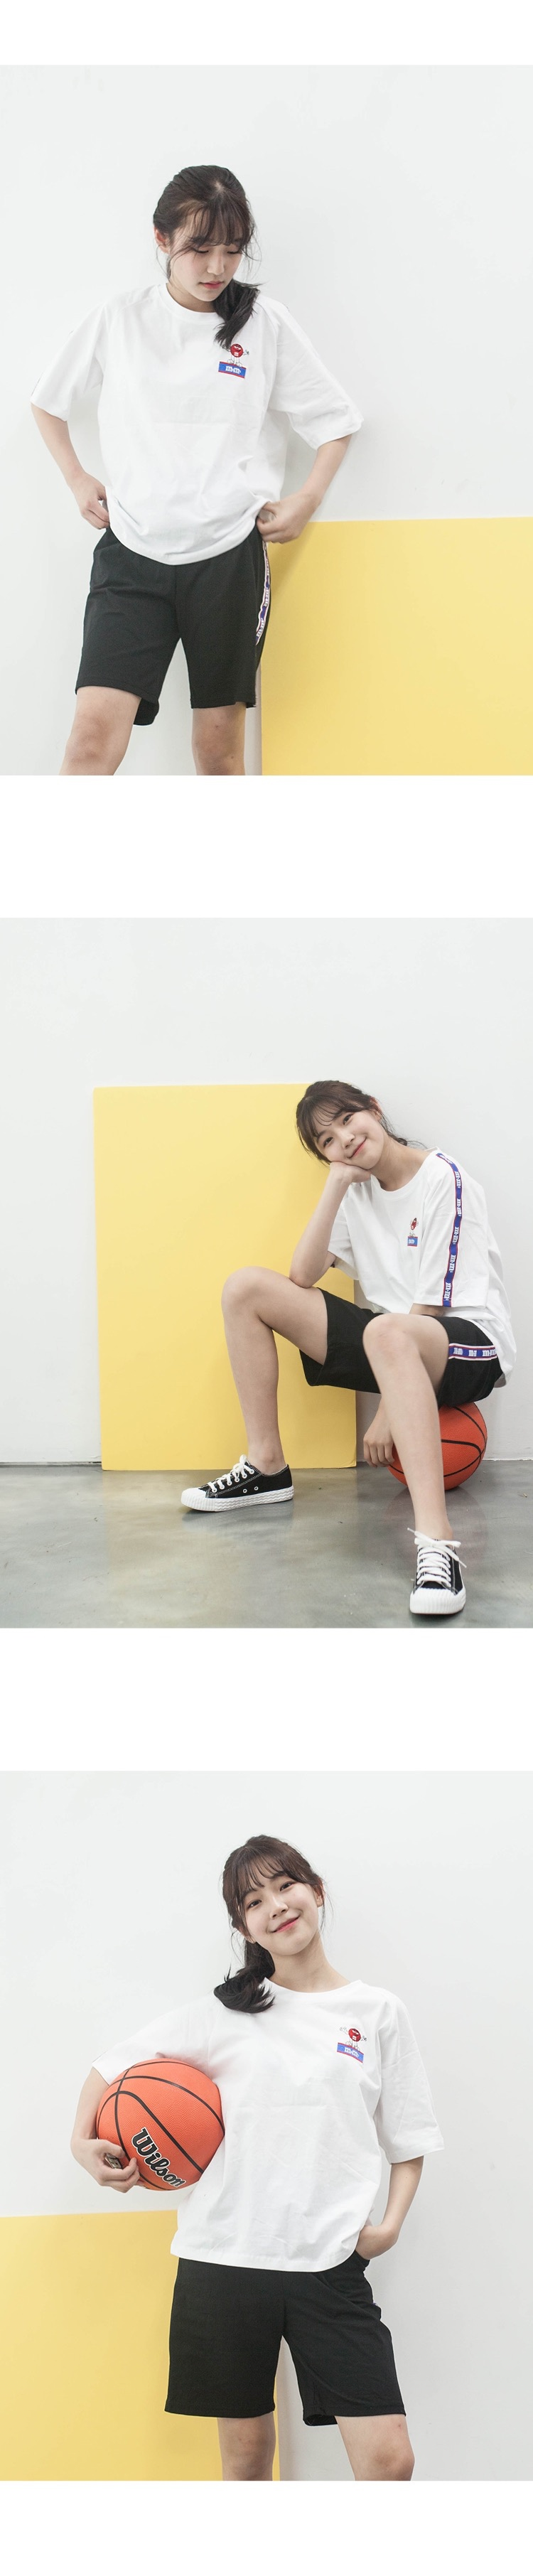 아이돌학교_백지헌 (2).jpg